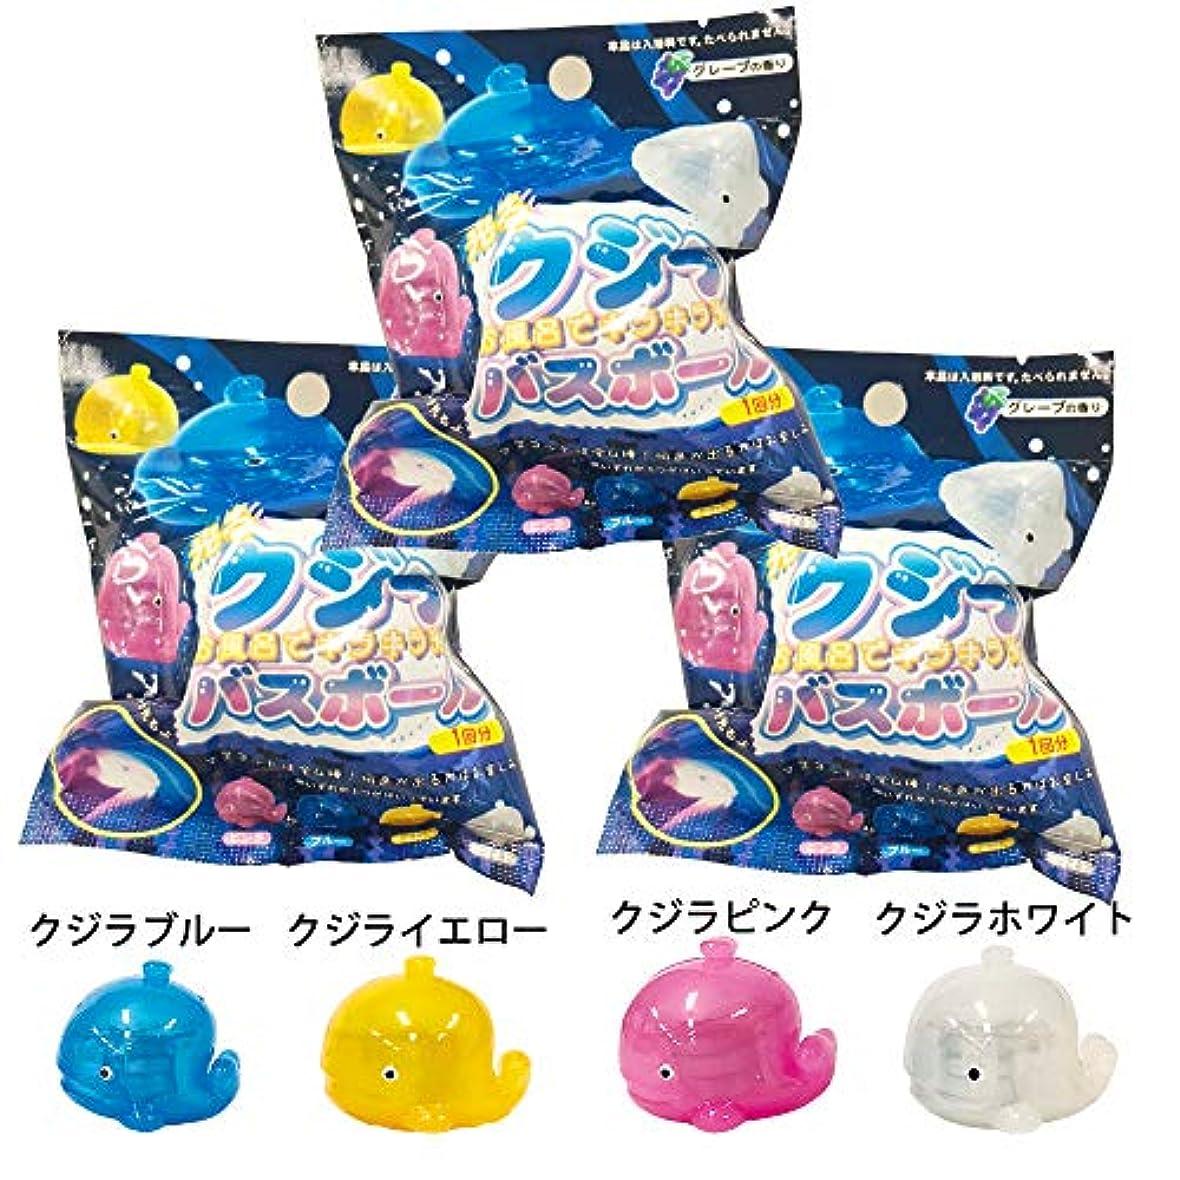 拍車怠感ヘッジ【3個セット】 光る レインボー バスボール 入浴剤 クジラ グレープの香り